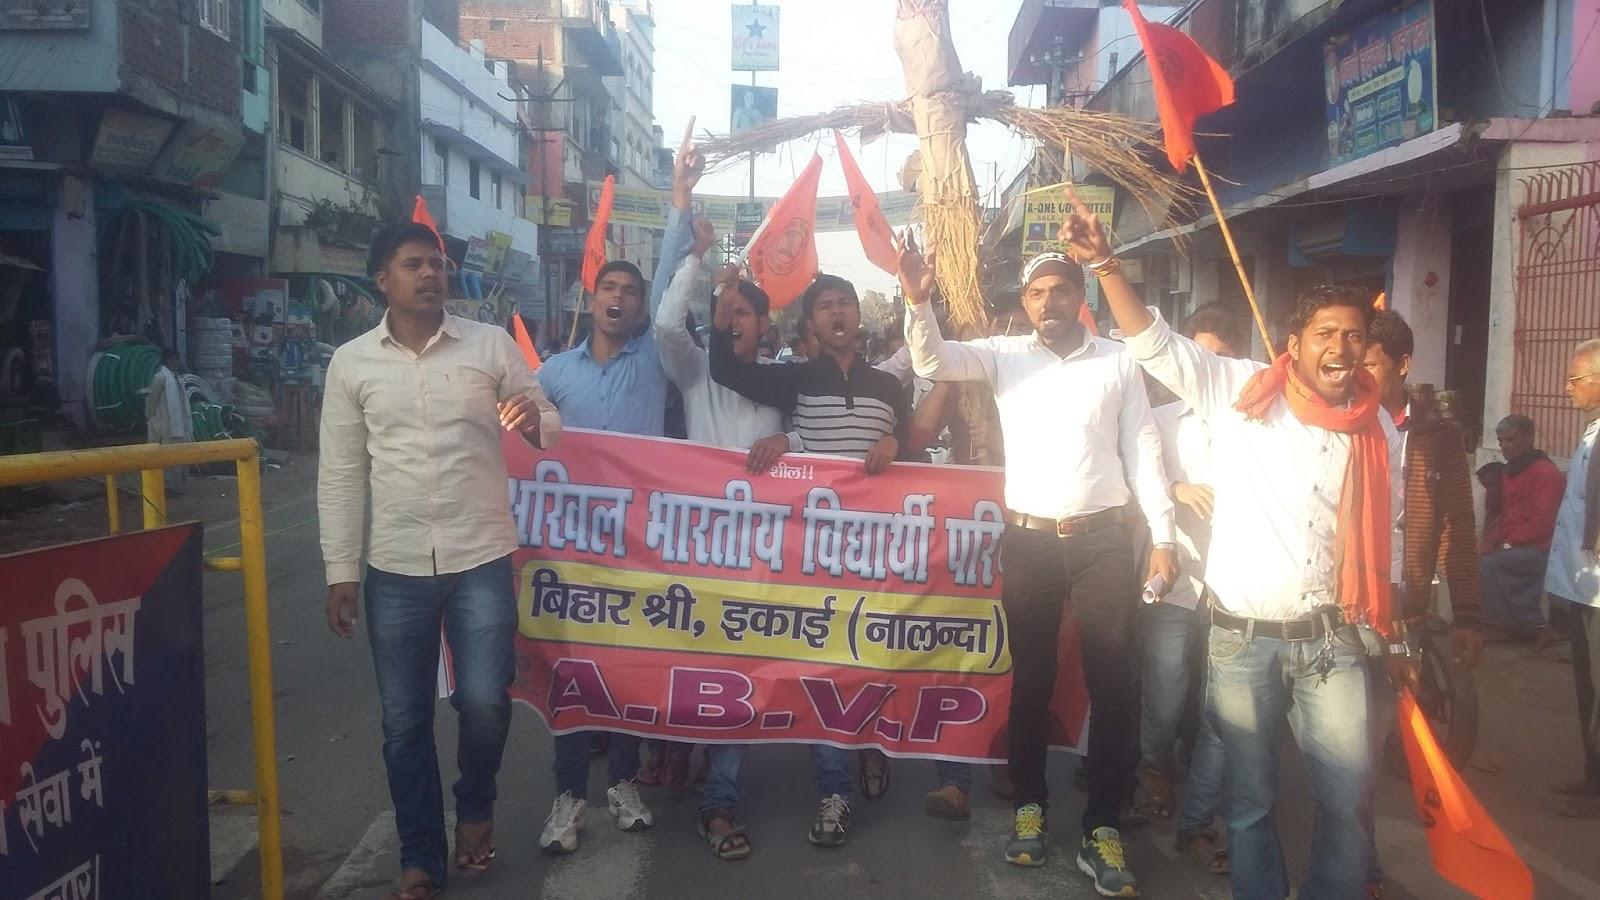 ... द्वारा बिहार मे BSSC का प्रश्नपत्र लीक तथा पट्ना मे कुछ छात्र नेताओ पर लाठीचार्ज होने ...